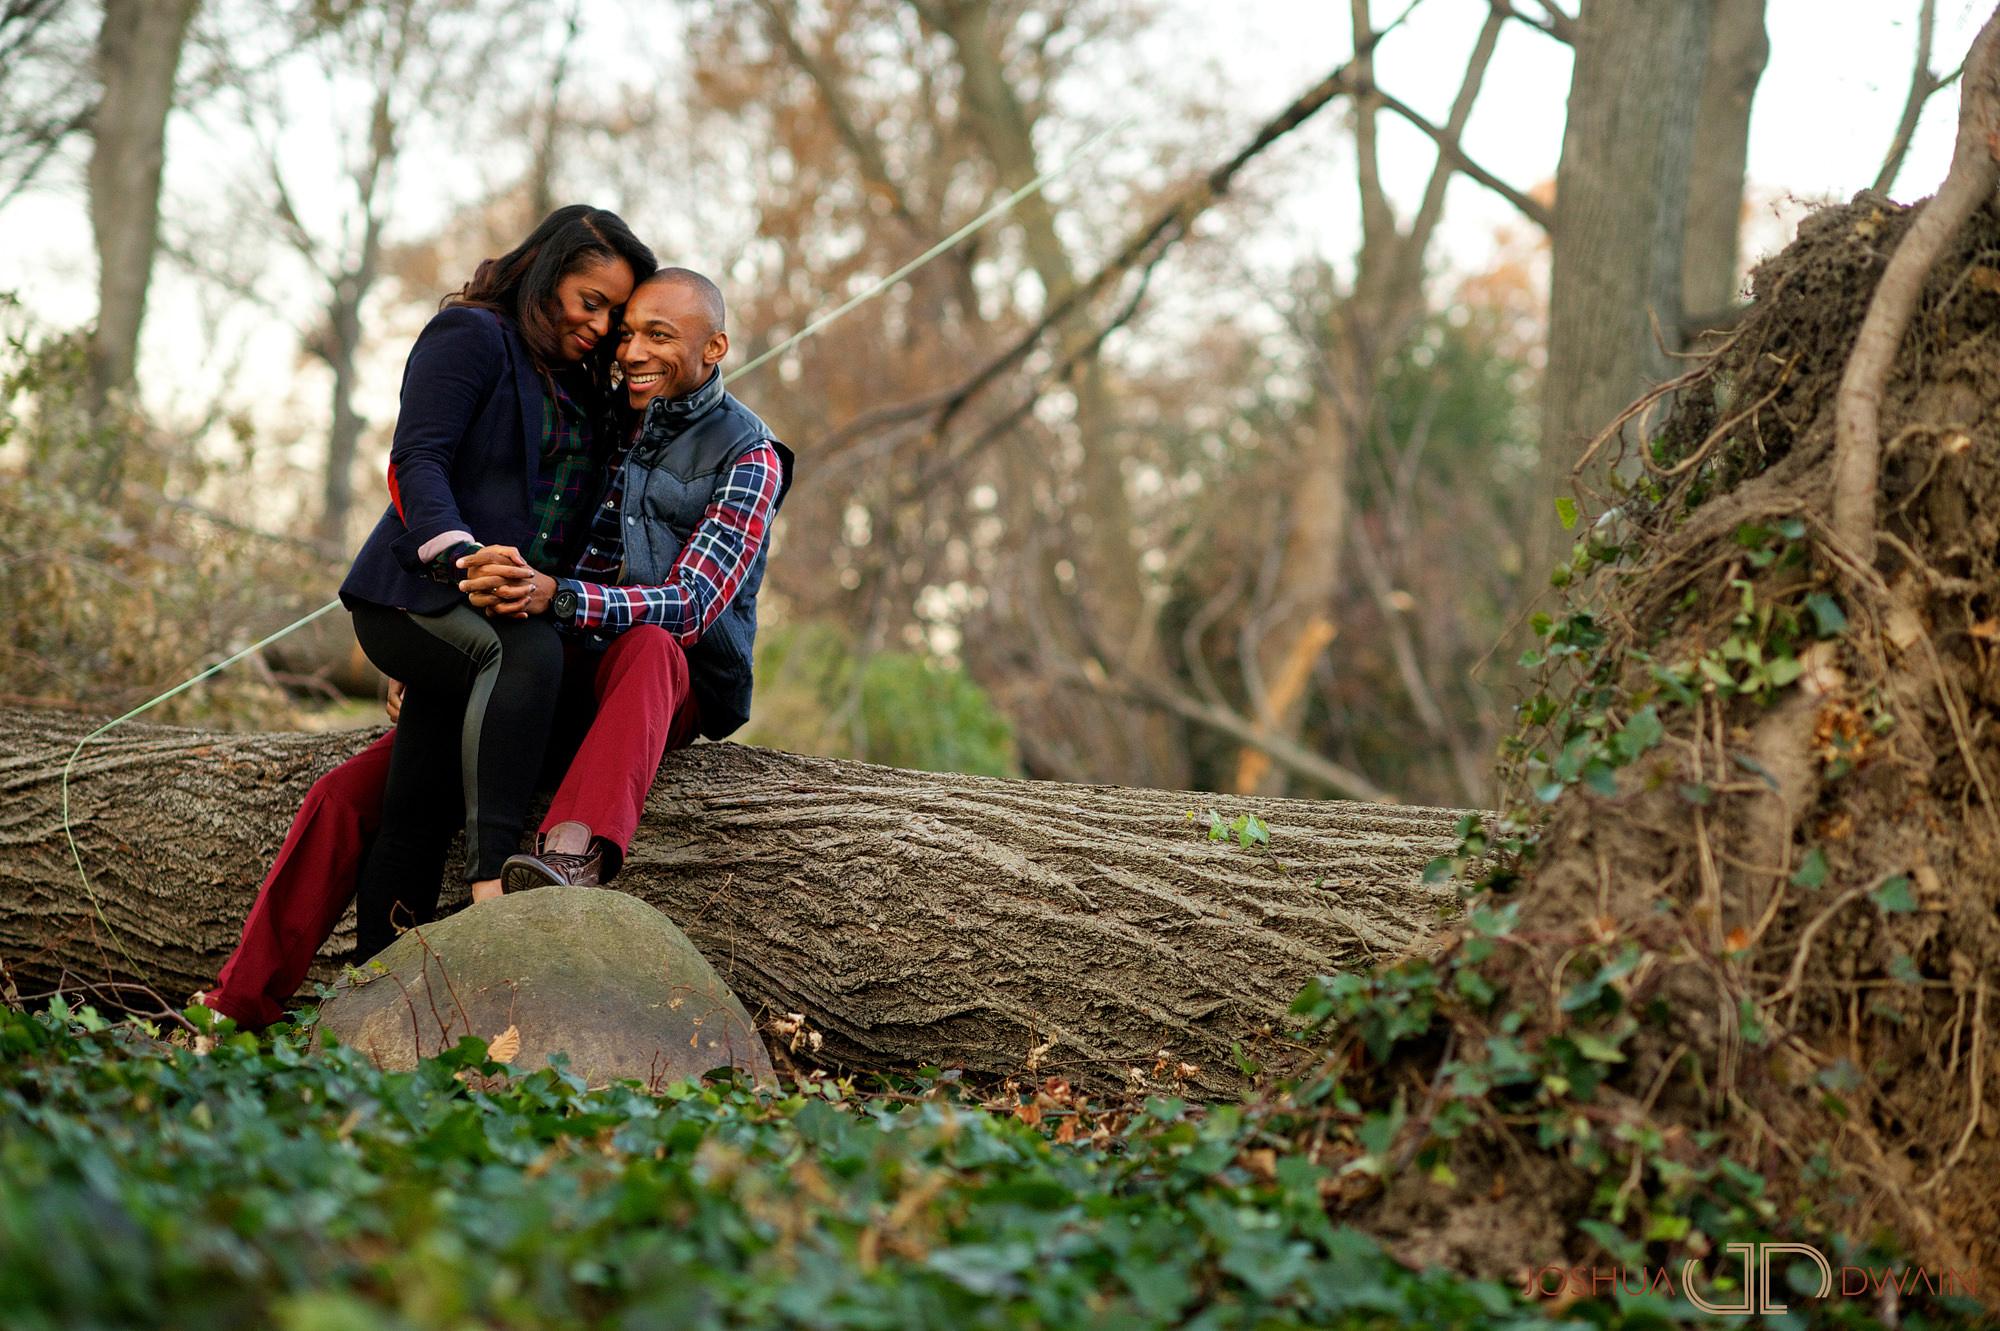 cadisha-antoine-005-botanical-gardens-brooklyn-ny-joshua-dwain-photos